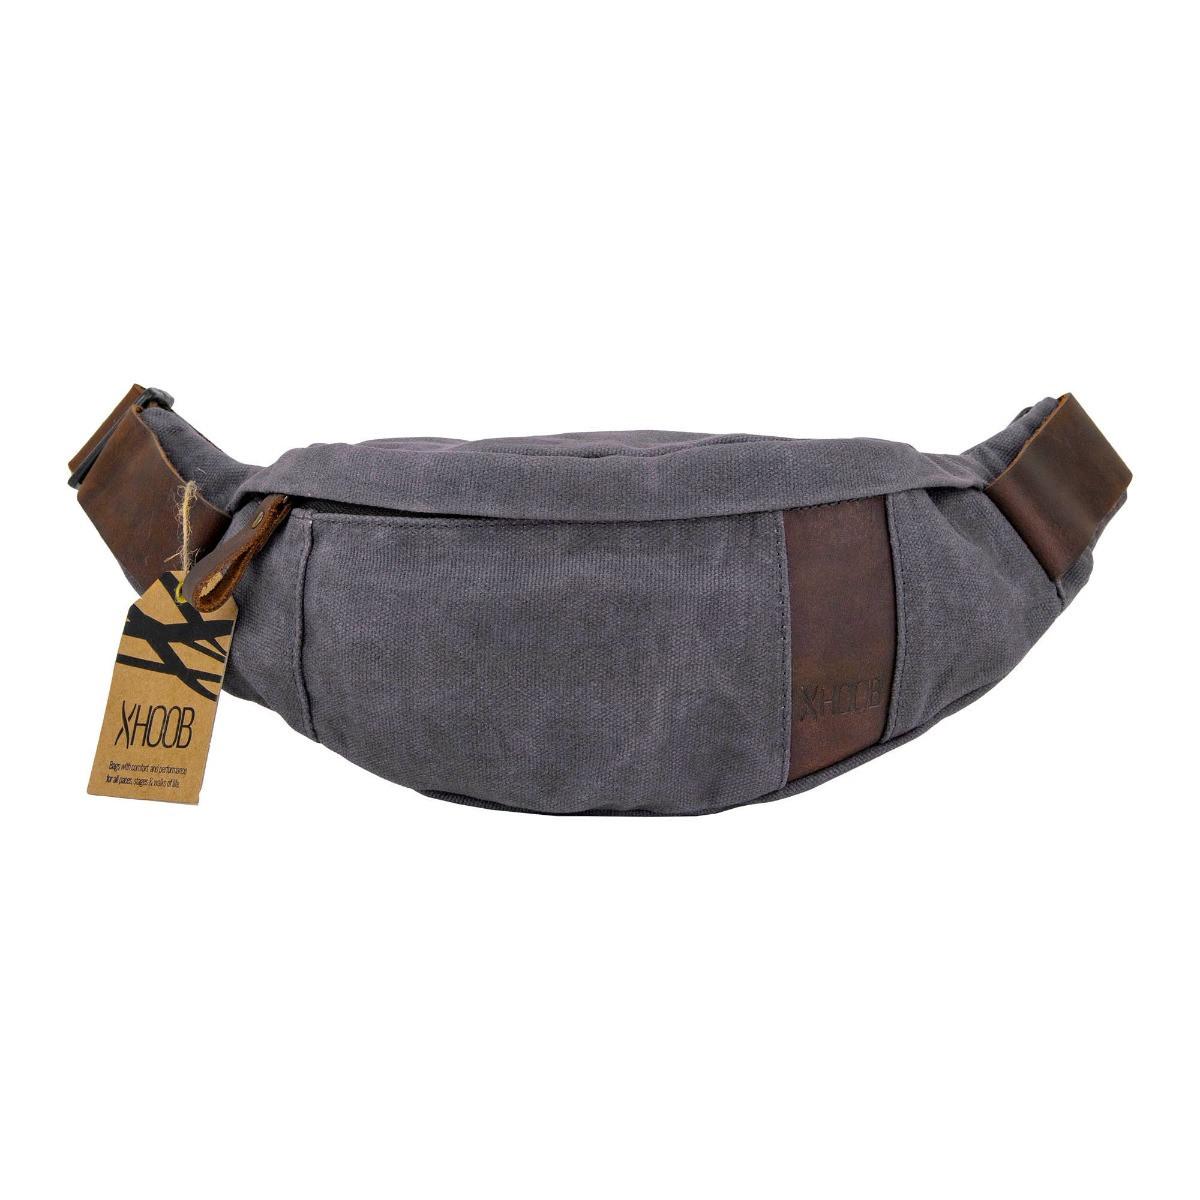 Hoob Belt Bag | leather & canvas hip pack